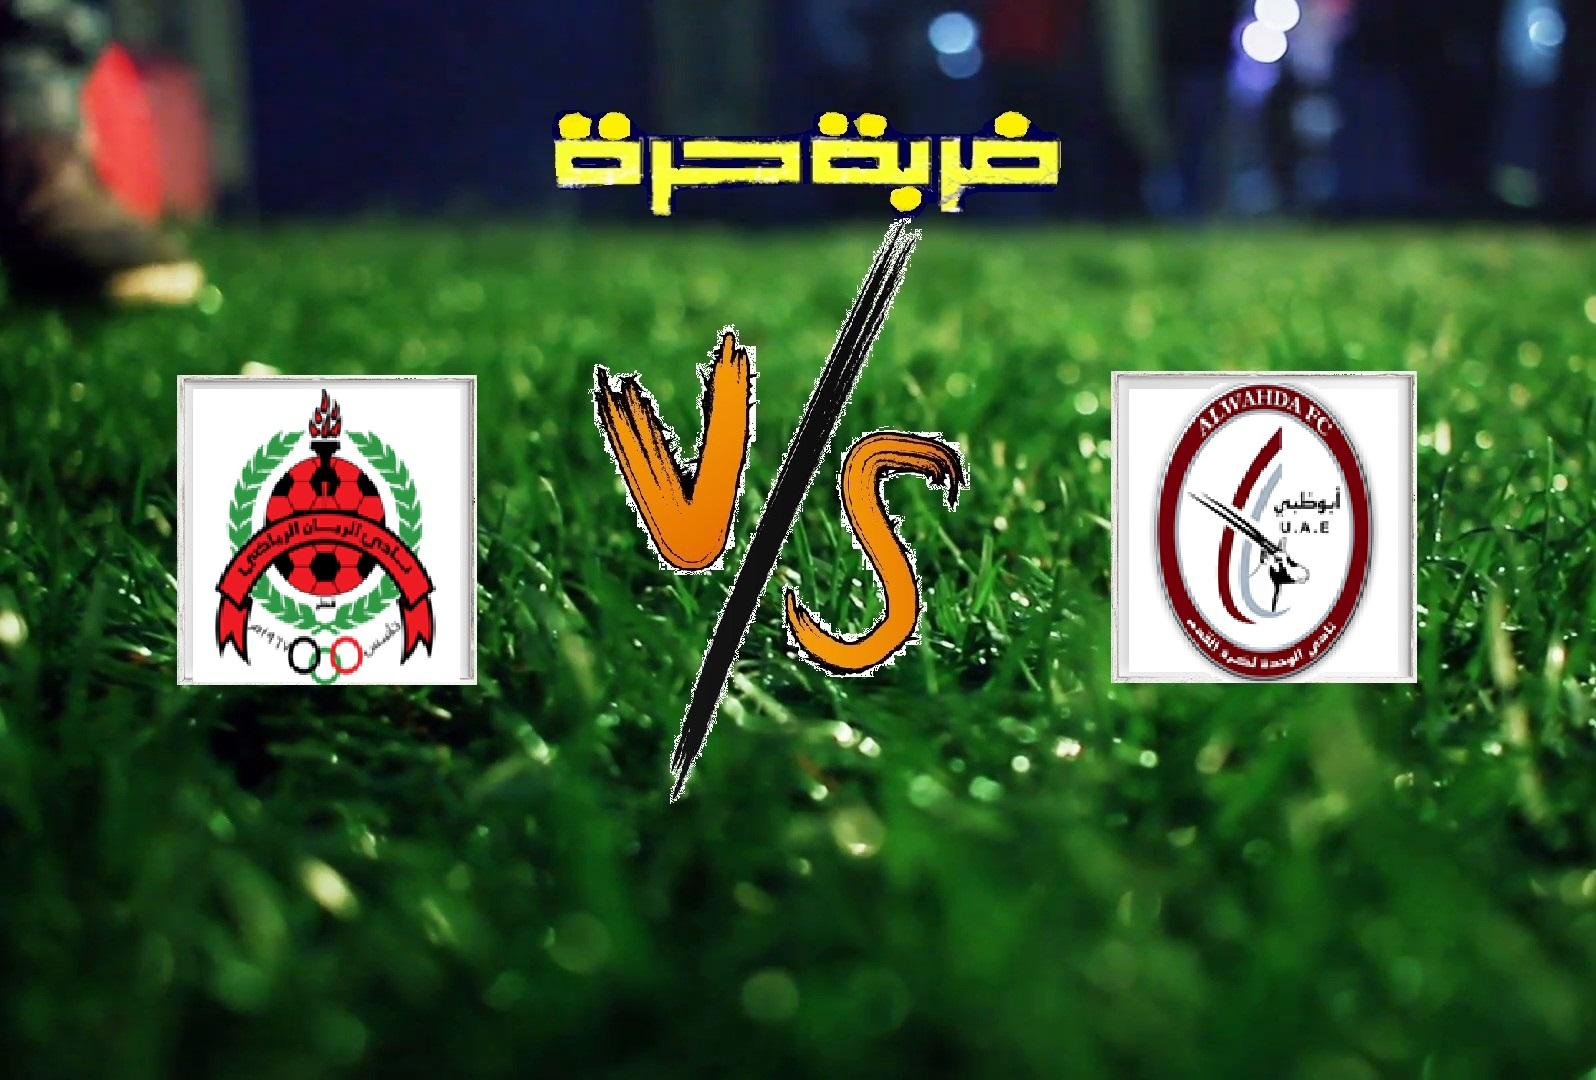 نتيجة مباراة الوحدة والريان اليوم الاثنين بتاريخ 22-04-2019 دوري أبطال آسيا